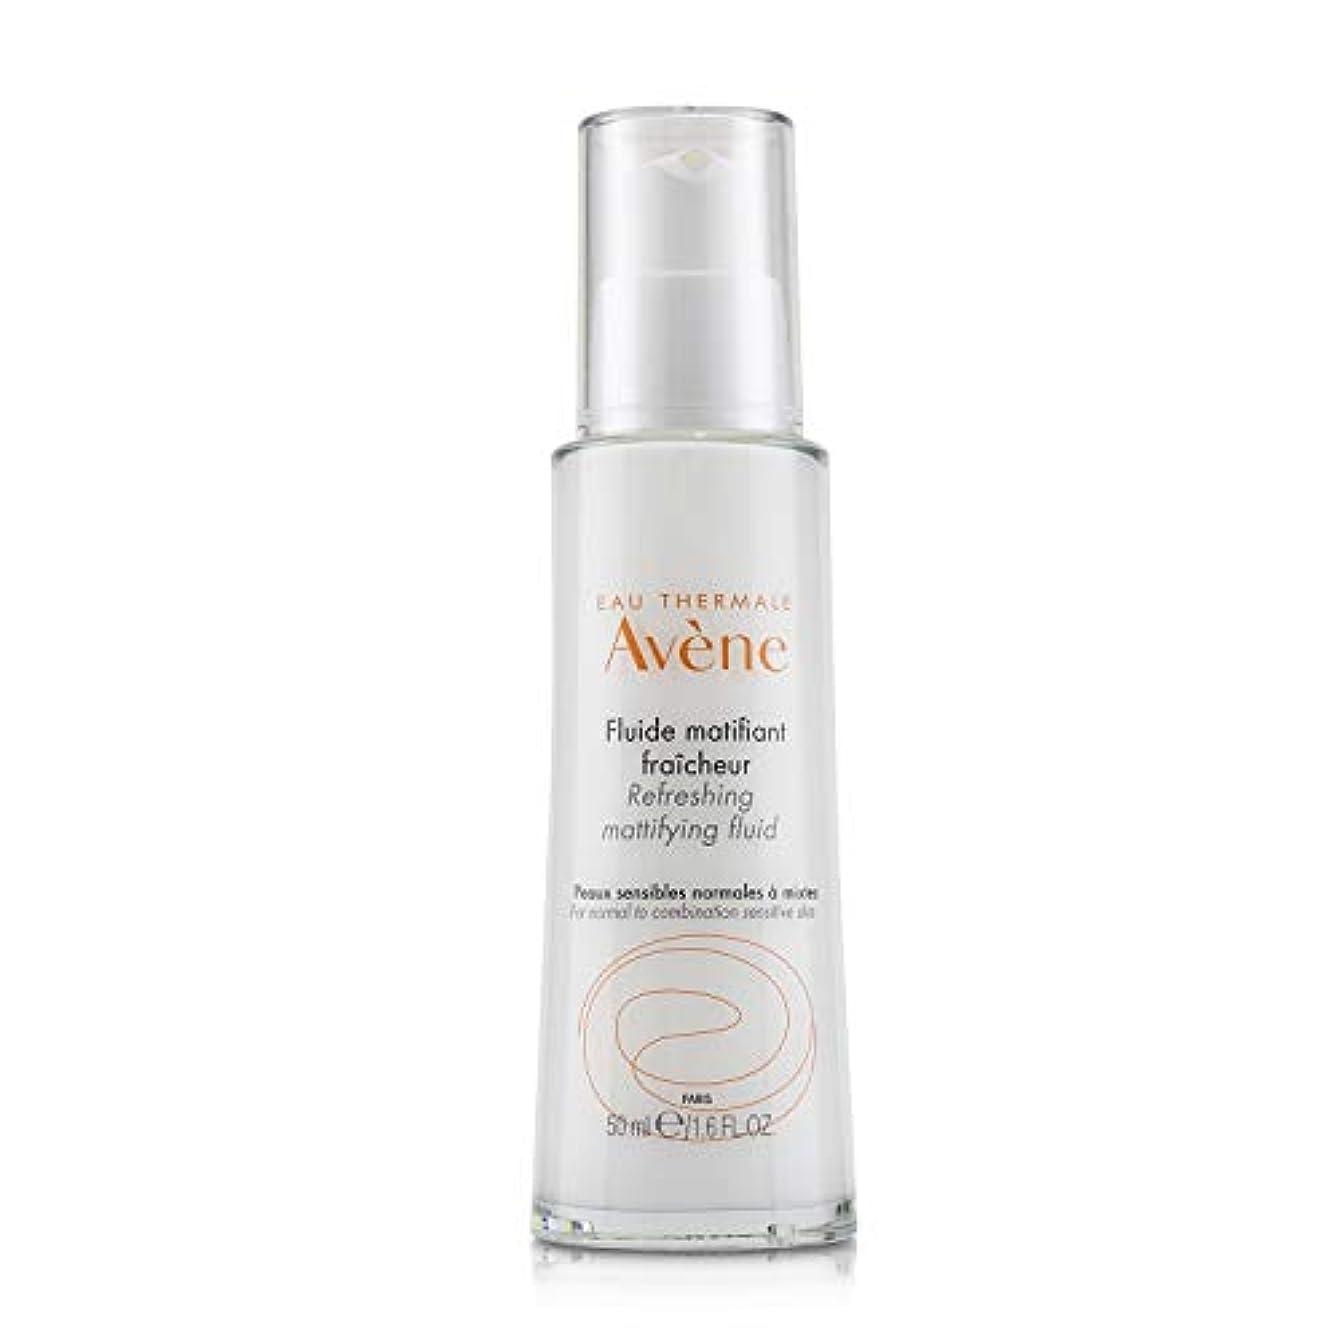 全体腫瘍胆嚢アベンヌ Refreshing Mattifying Fluid - For Normal to Combination Sensitive Skin 50ml/1.6oz並行輸入品